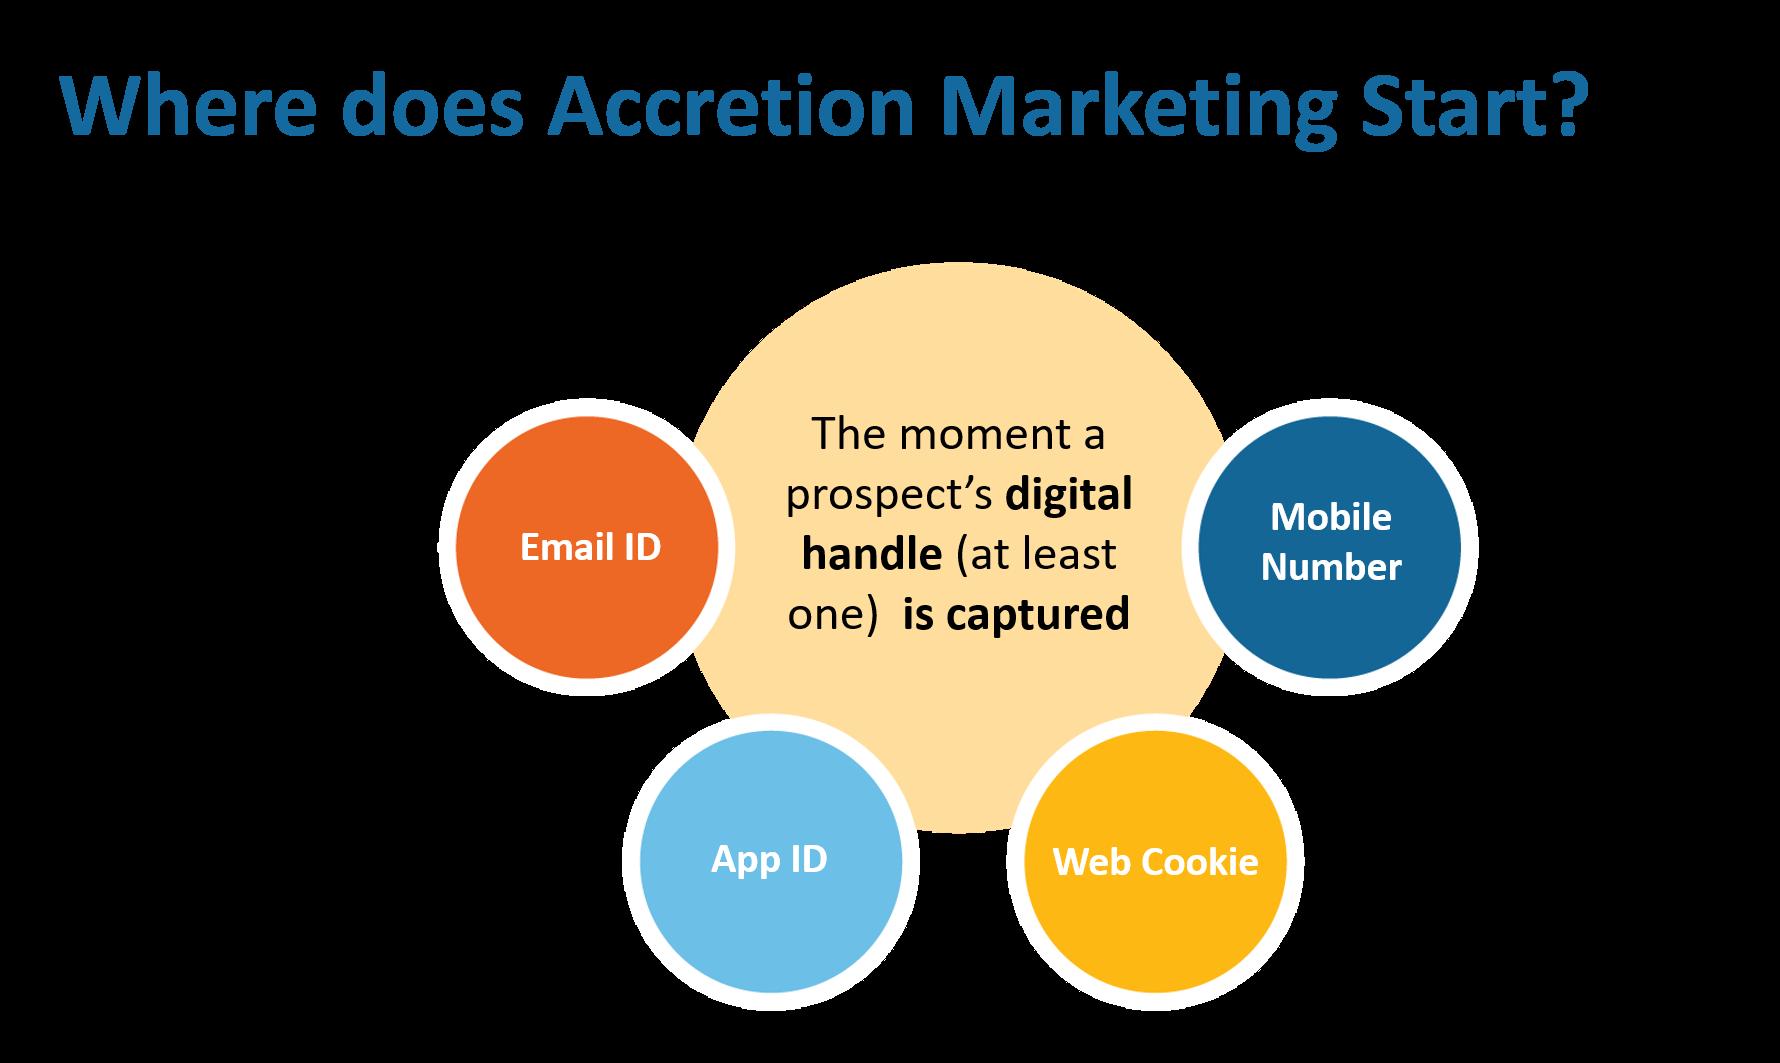 Accretion-marketing